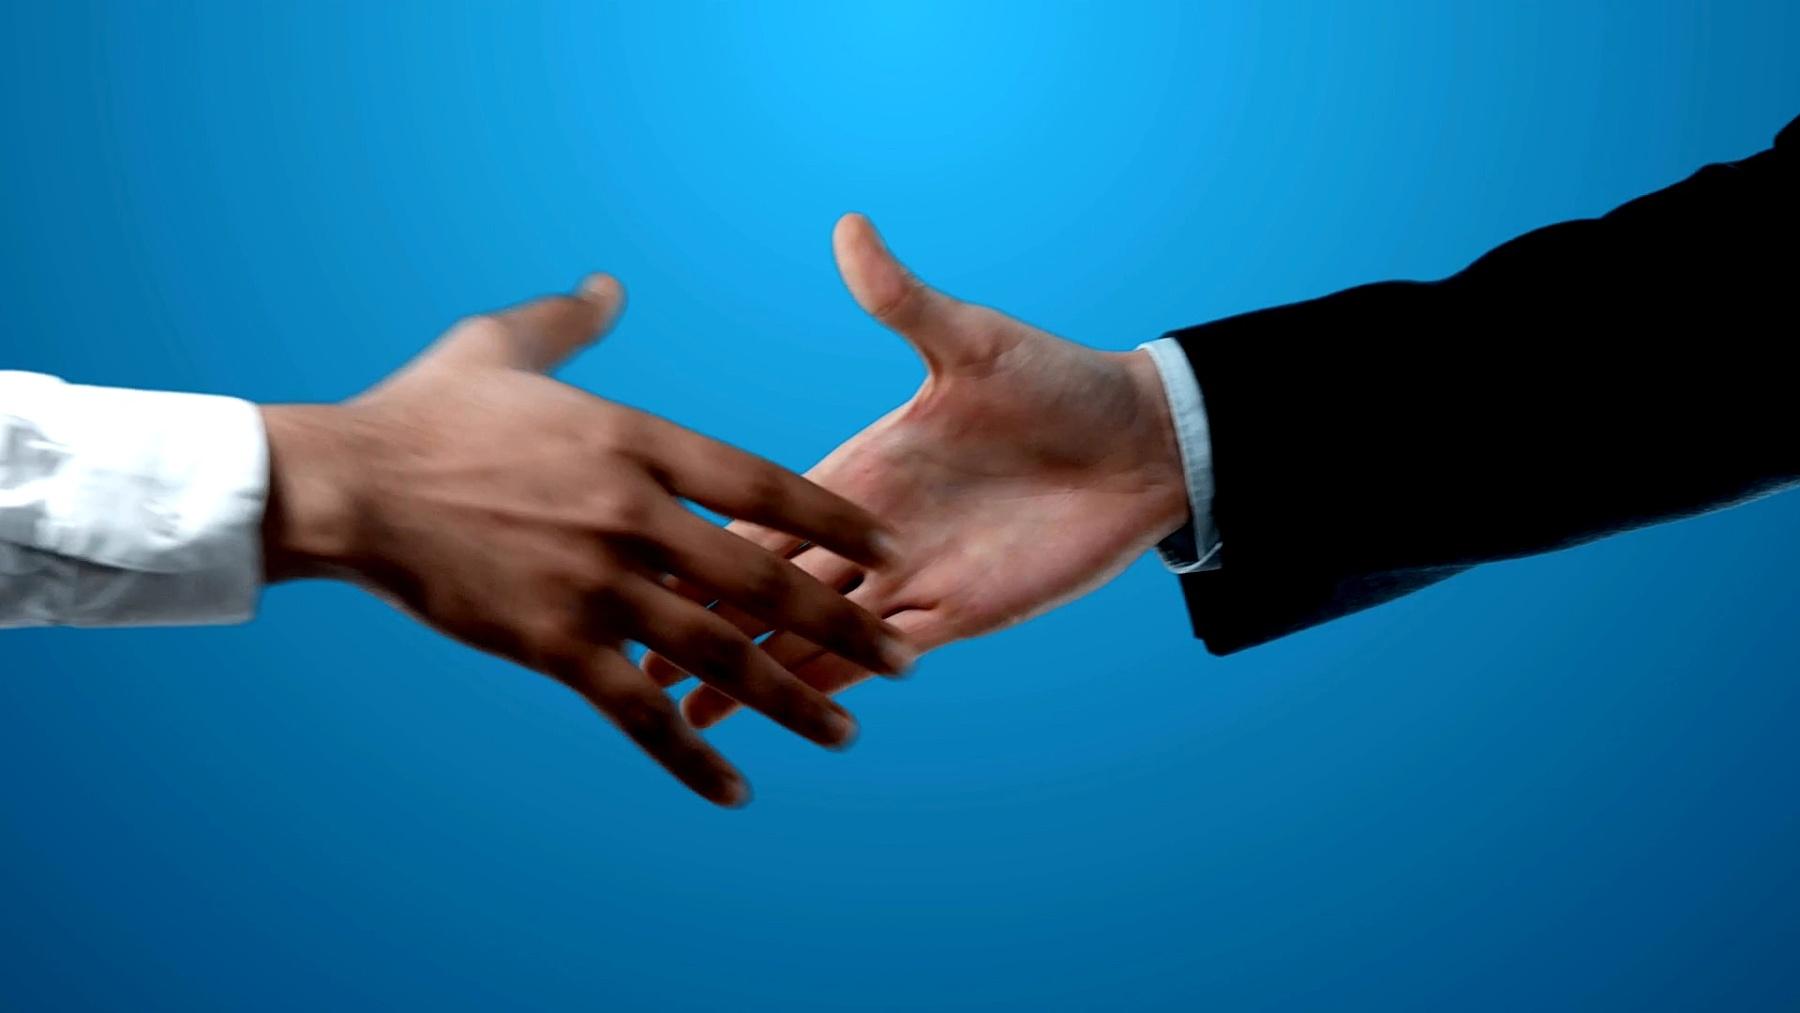 两个身穿西装的商人在Chroma Key  视频上进行国际握手。